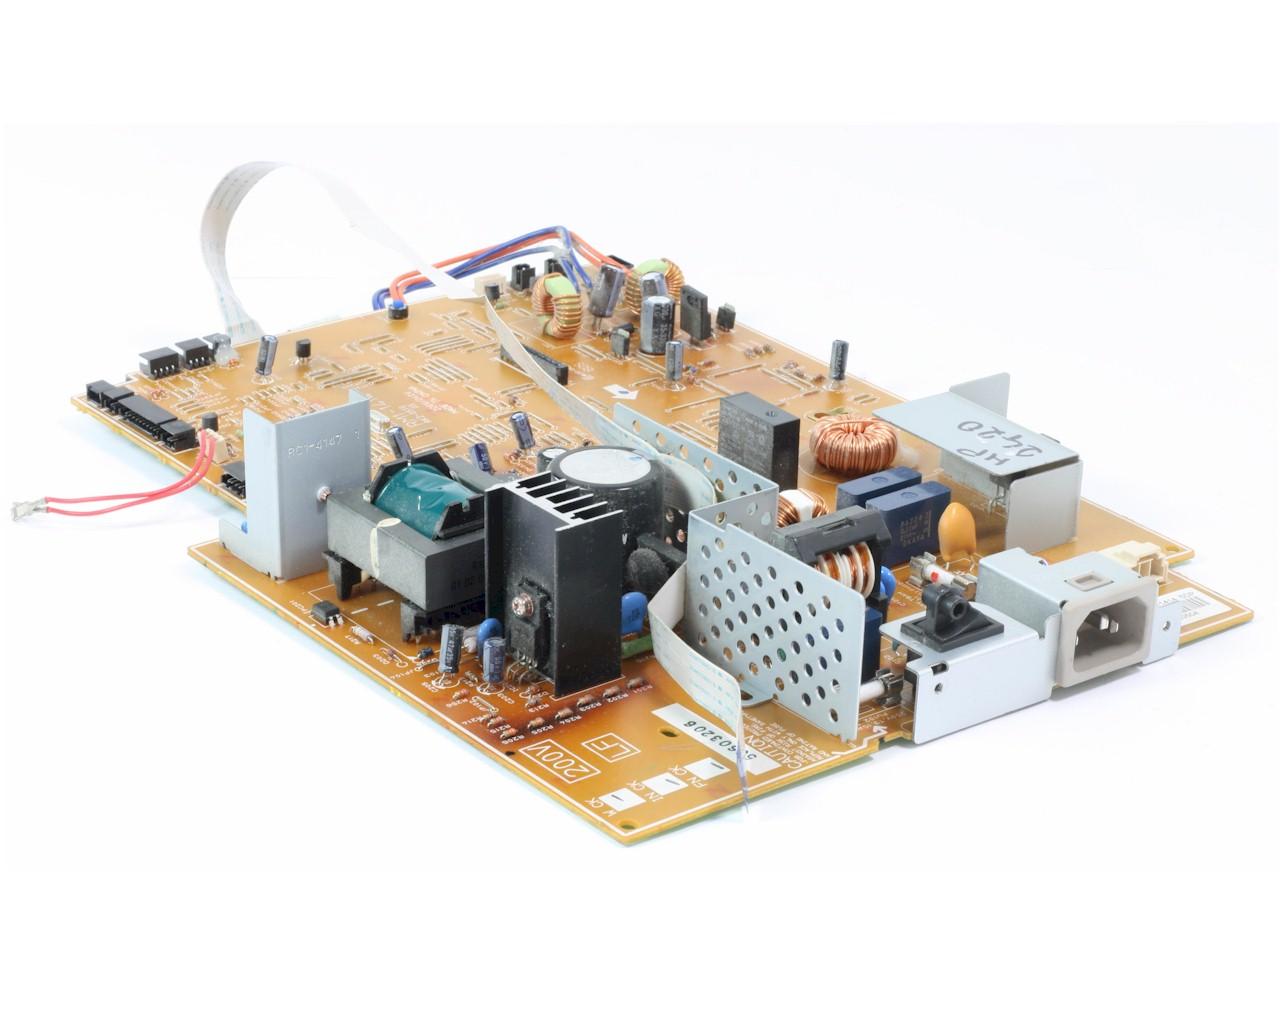 HP Netzteil RM1-1414 POWER SUPPLY Laserjet 2410 2420 2430 gebraucht